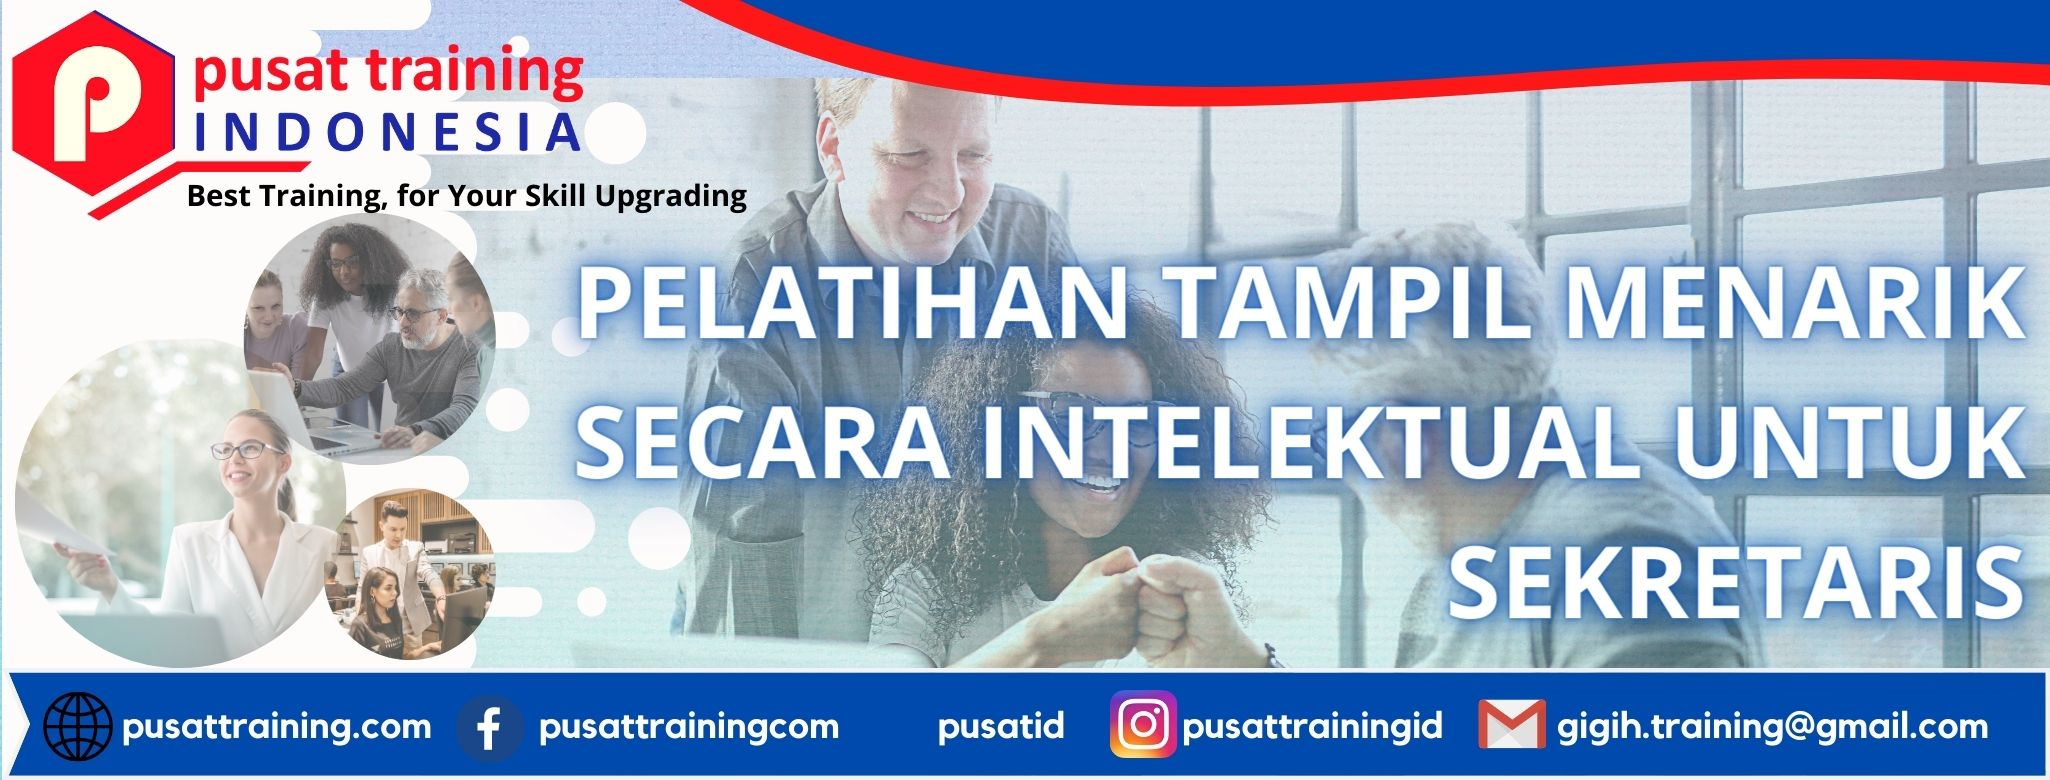 pelatihan-tampil-menarik-secara-intelektual-untuk-sekretaris